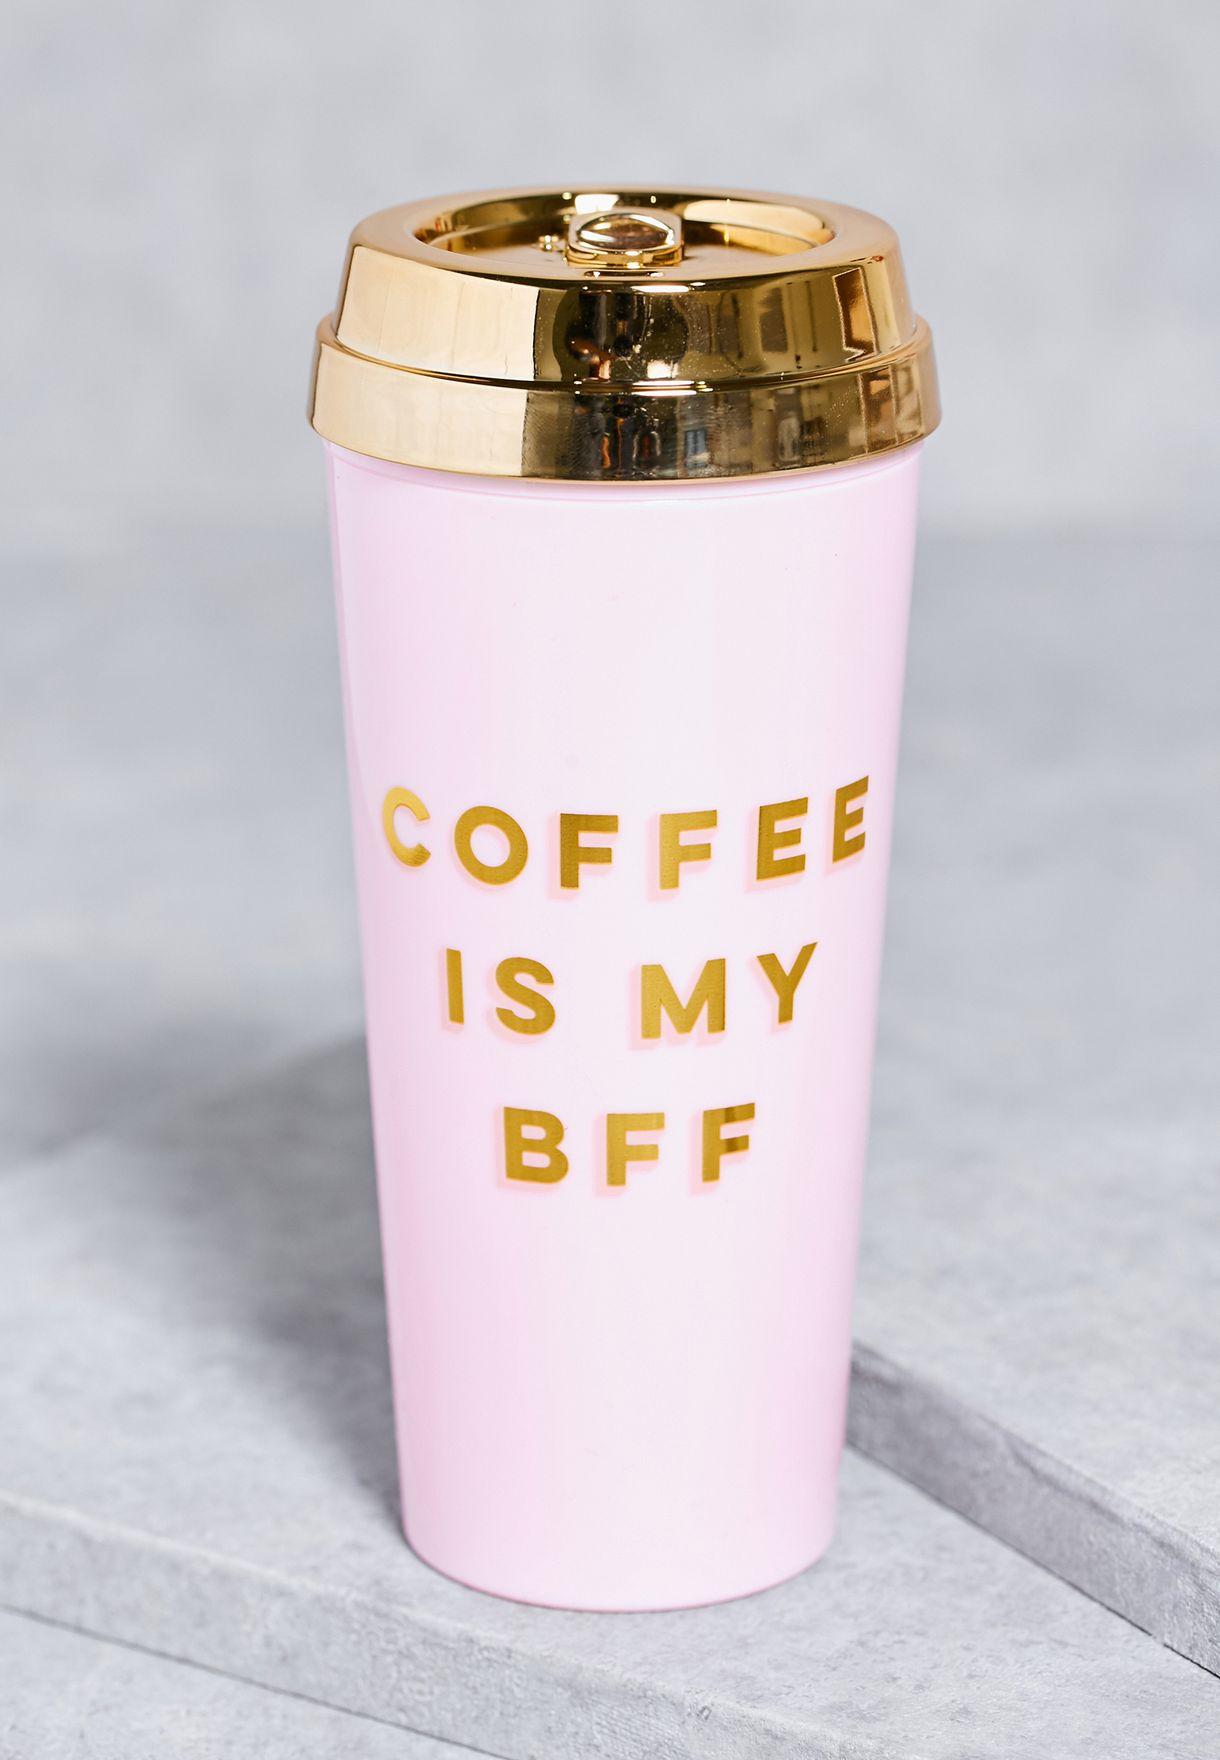 Coffee Mug - $18 on Amazon